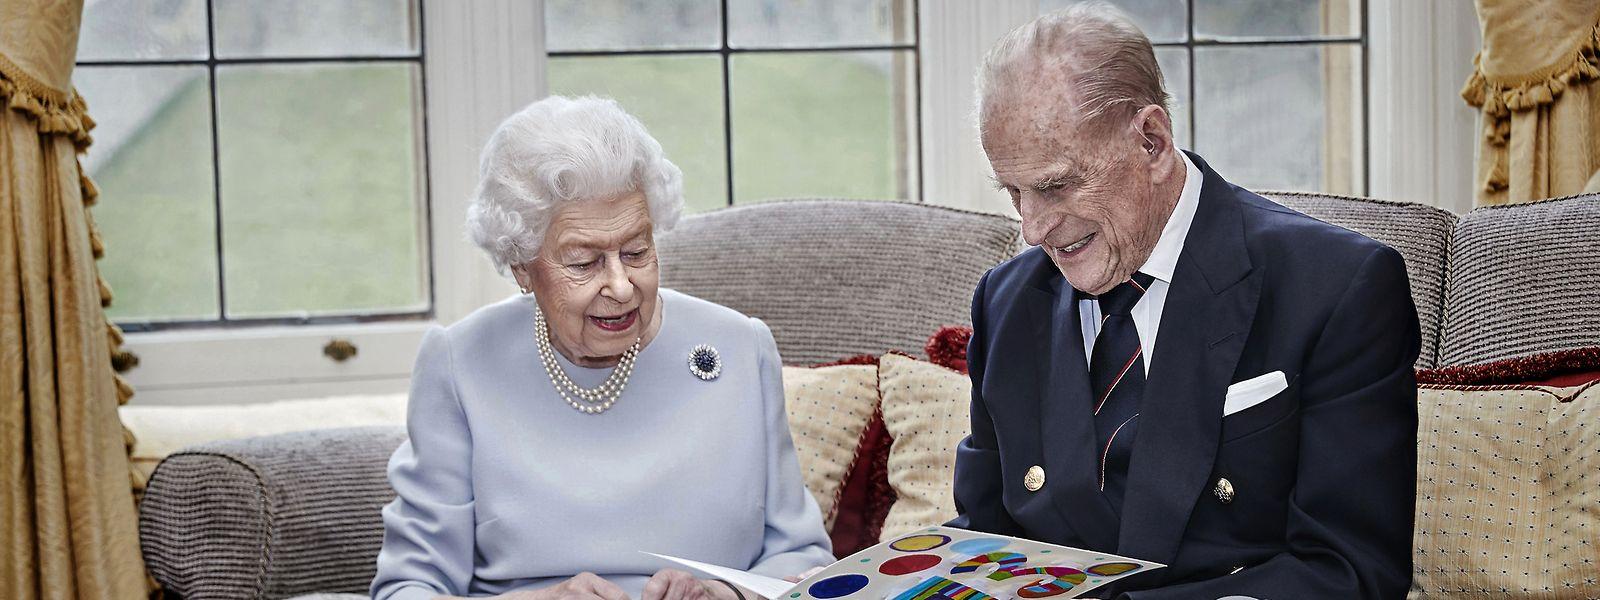 Königin Elizabeth II. und ihr Ehemann Prinz Philip, im Oak Room im Schloss Windsor.